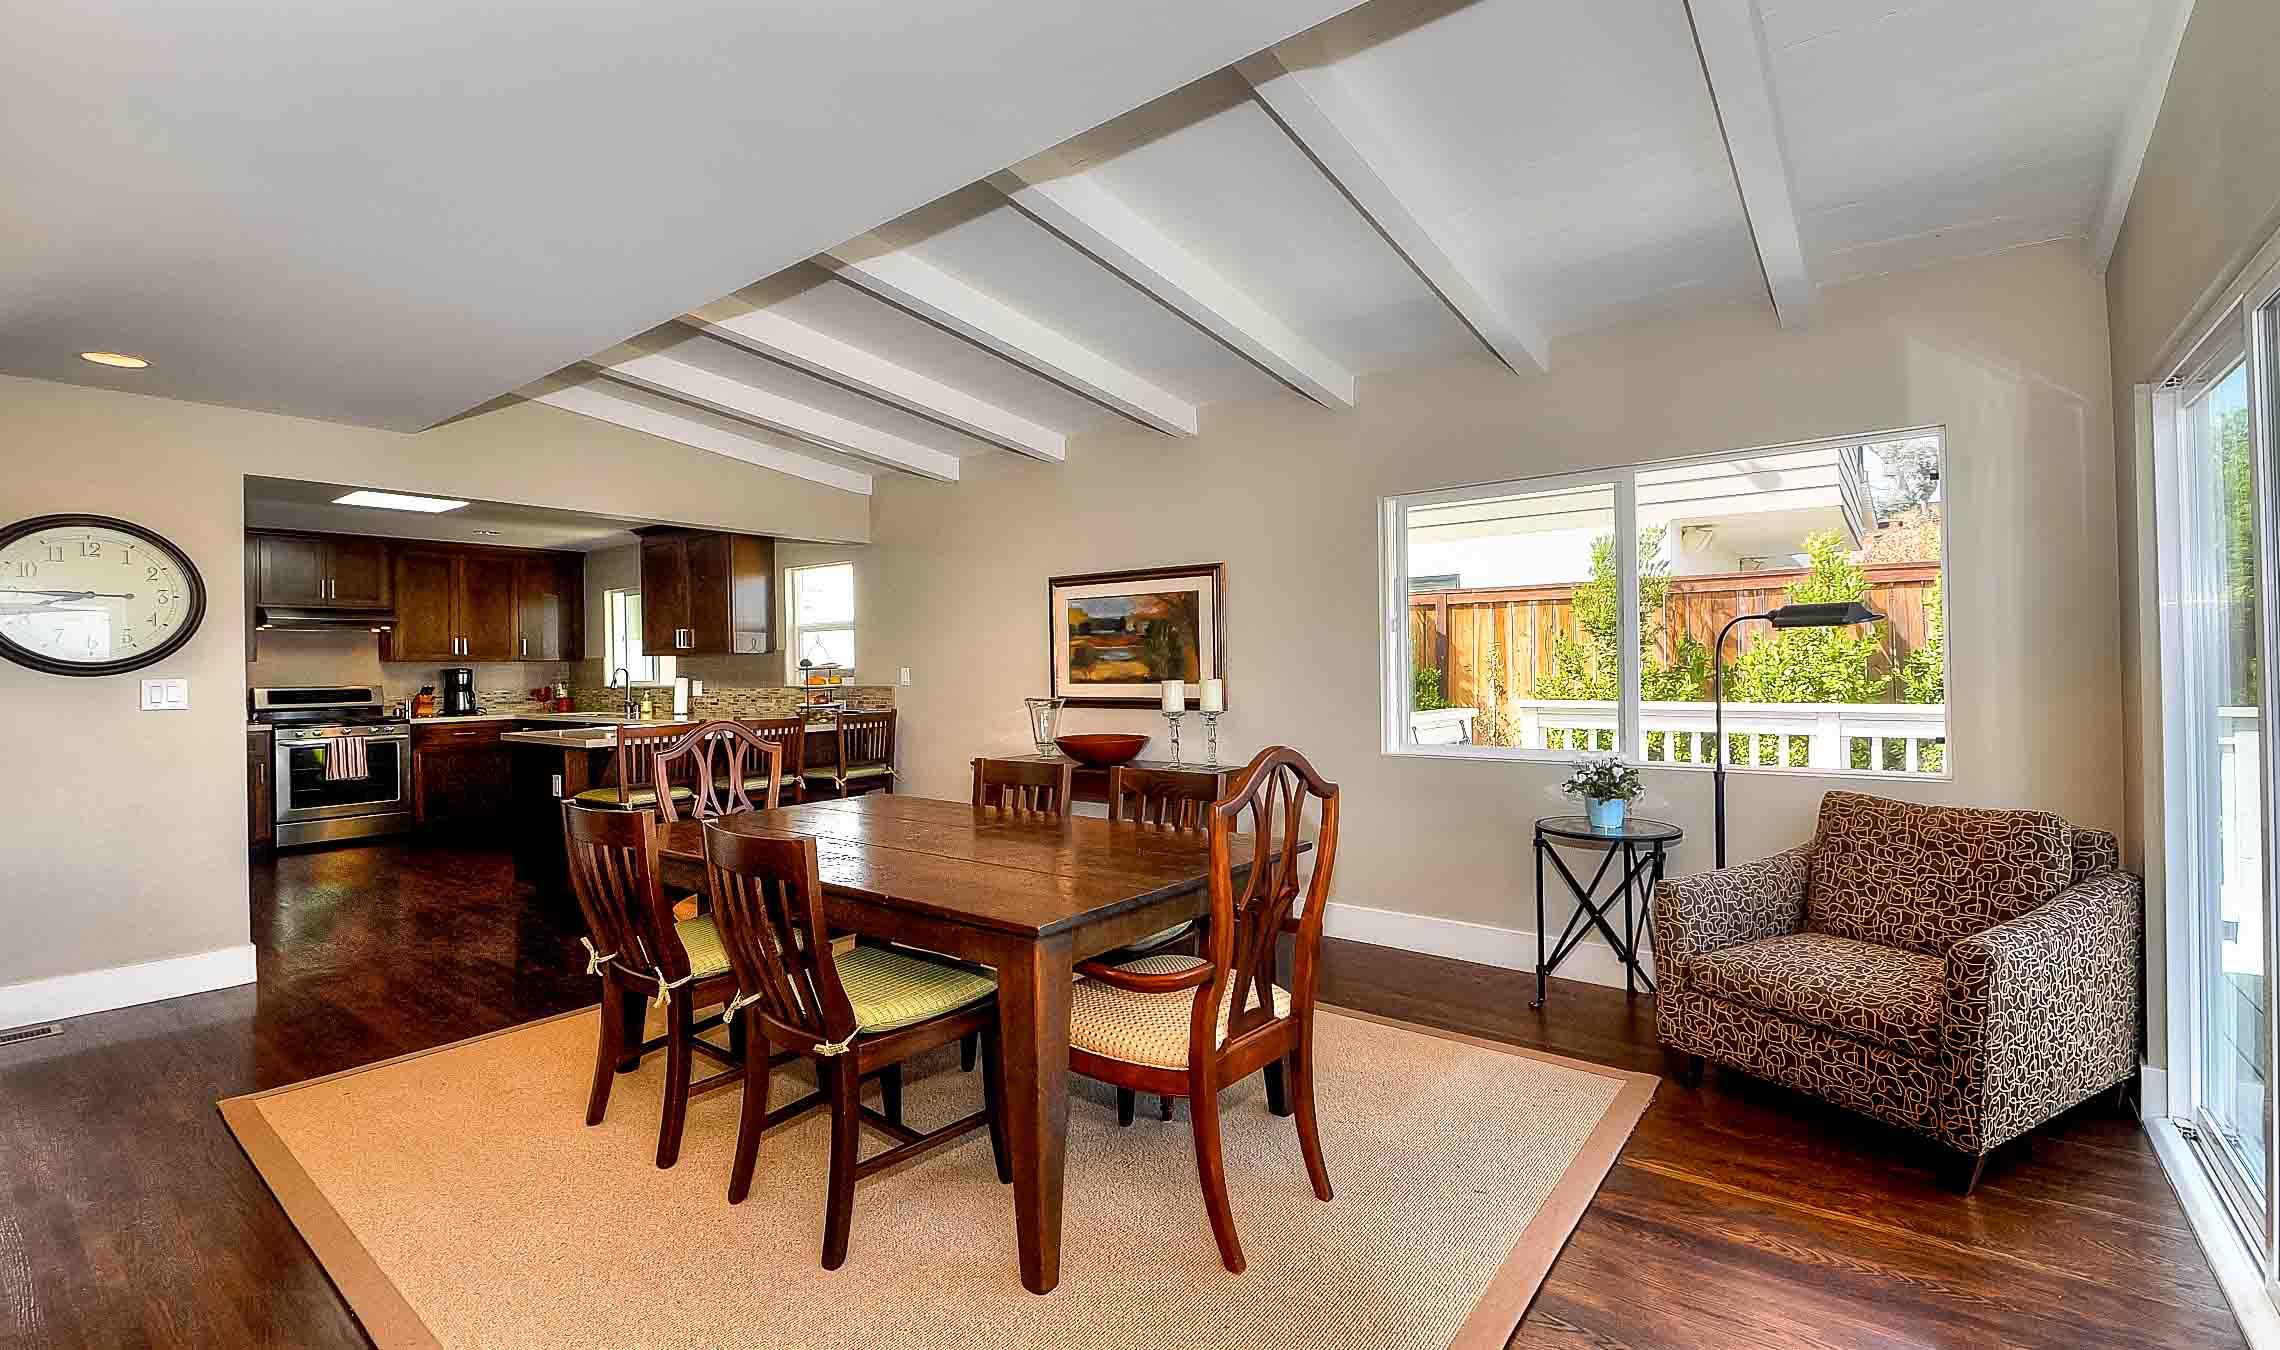 105 Via Los Altos - dining room and kitchen1